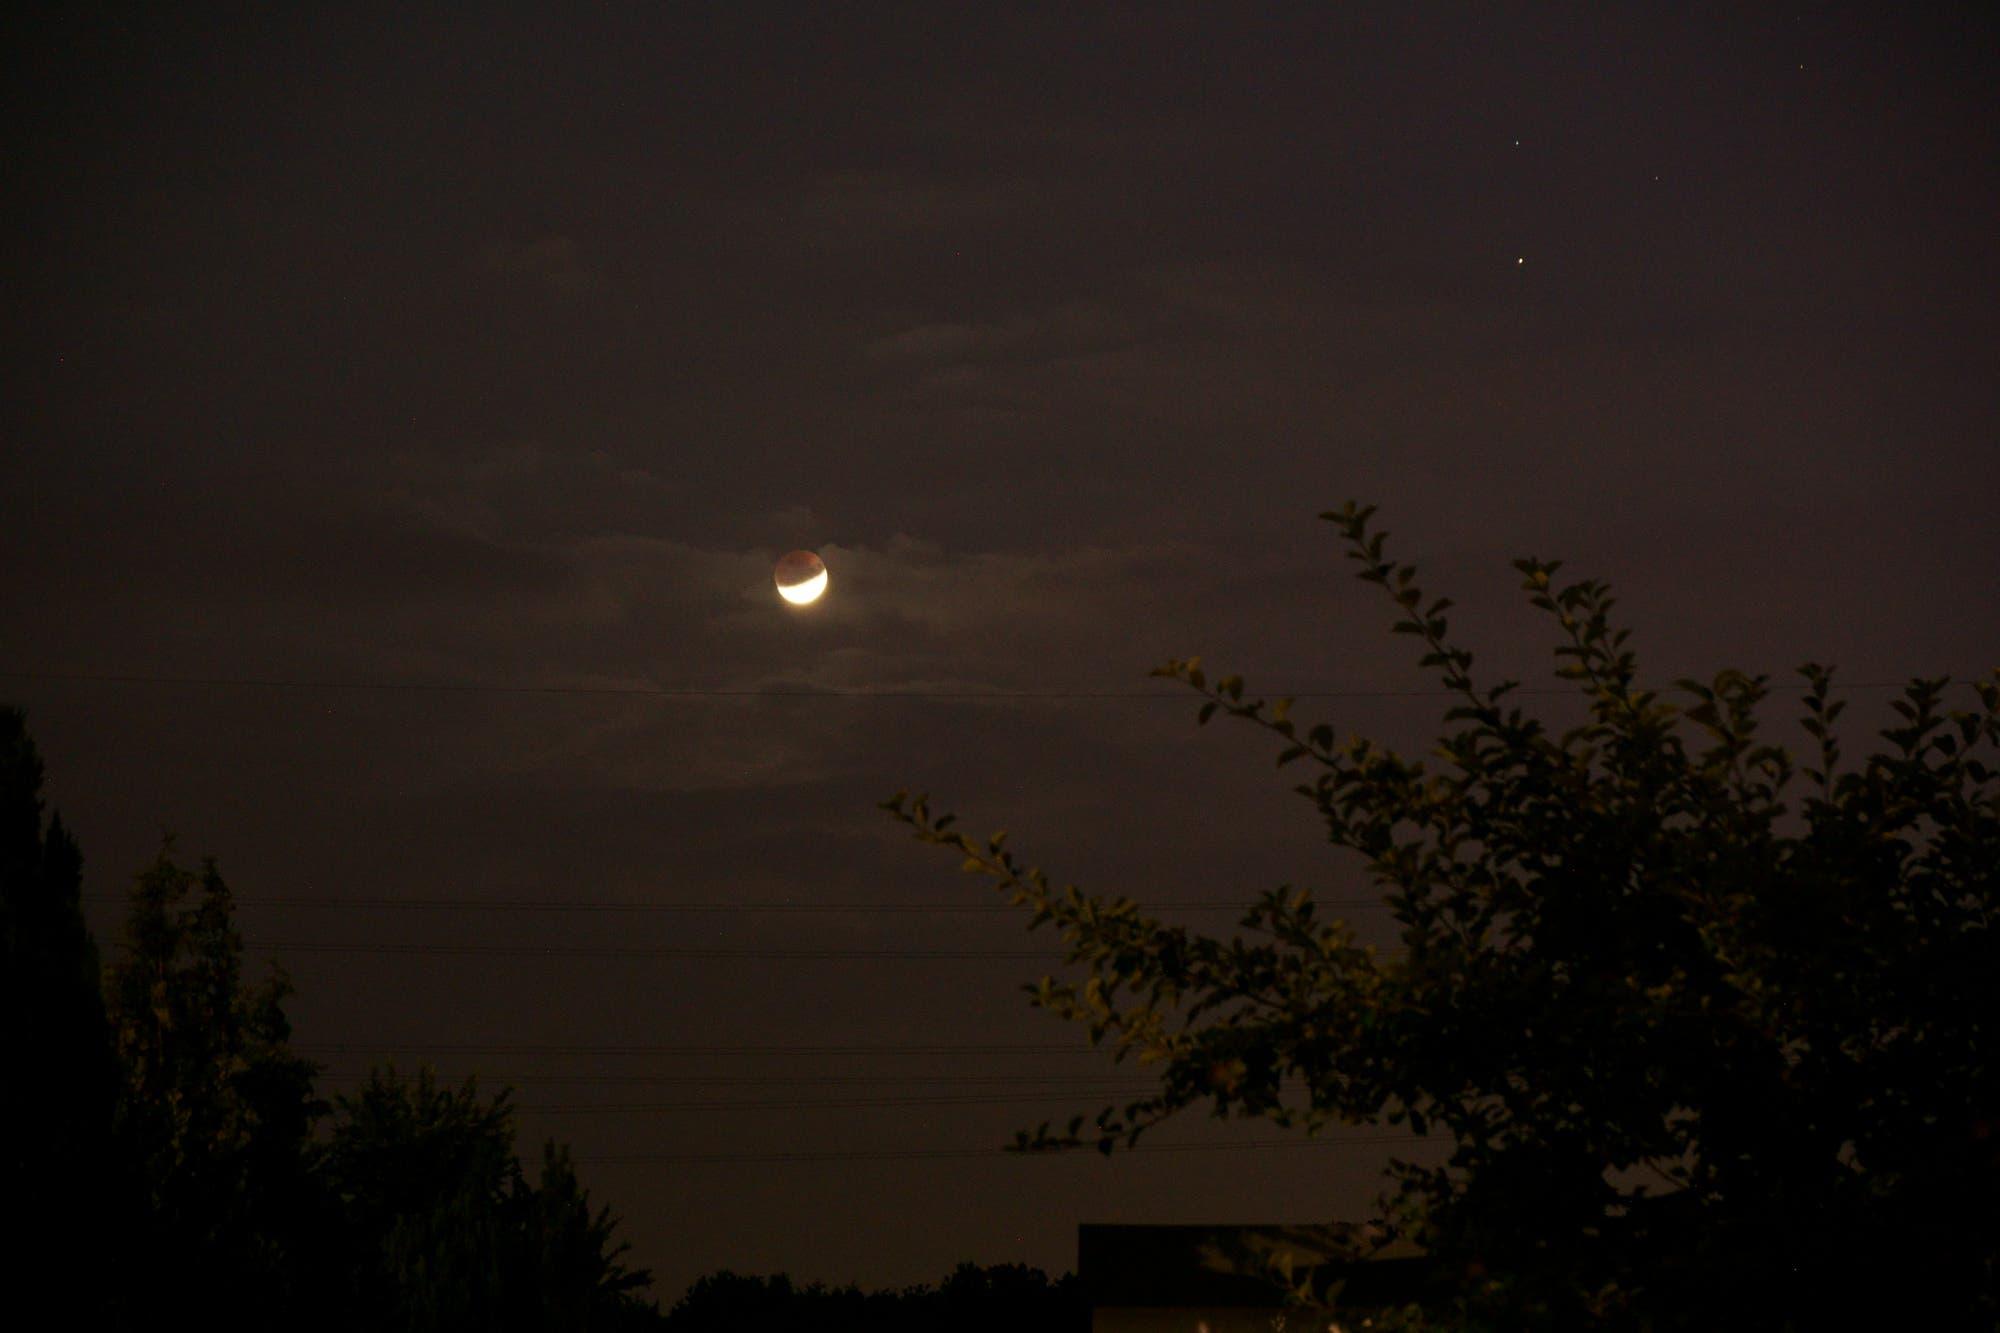 Mondfinsternis 16. Juli 2019 mit Saturn